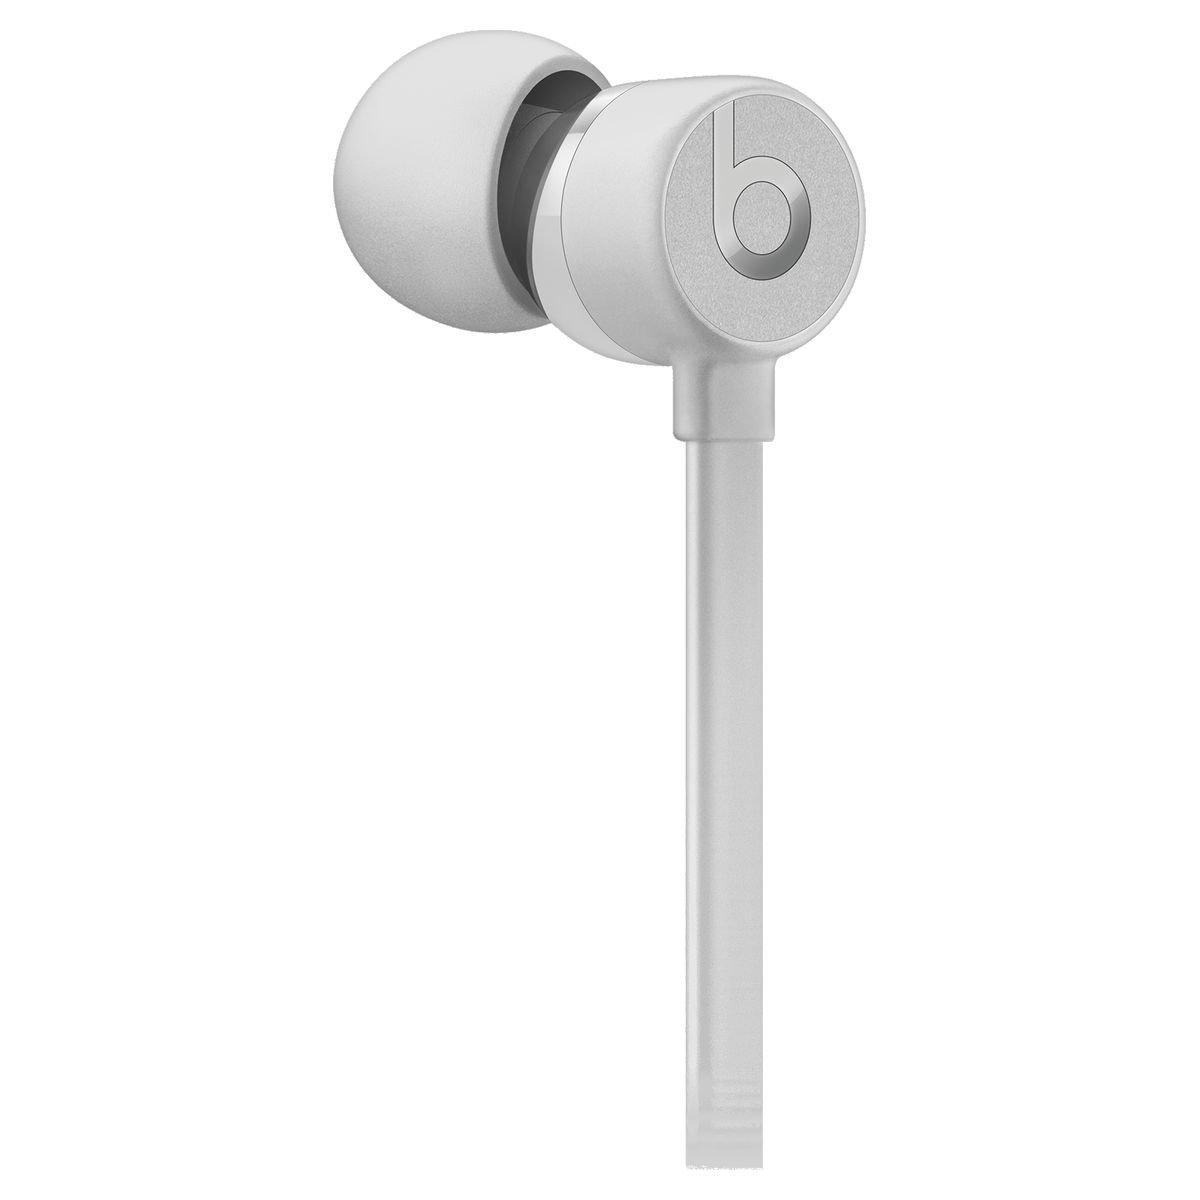 985ef1f62bd Beats MR3J2PA/A BeatsX In Ear Wireless Bluetooth Headphones Matte Silver    Appliances Online